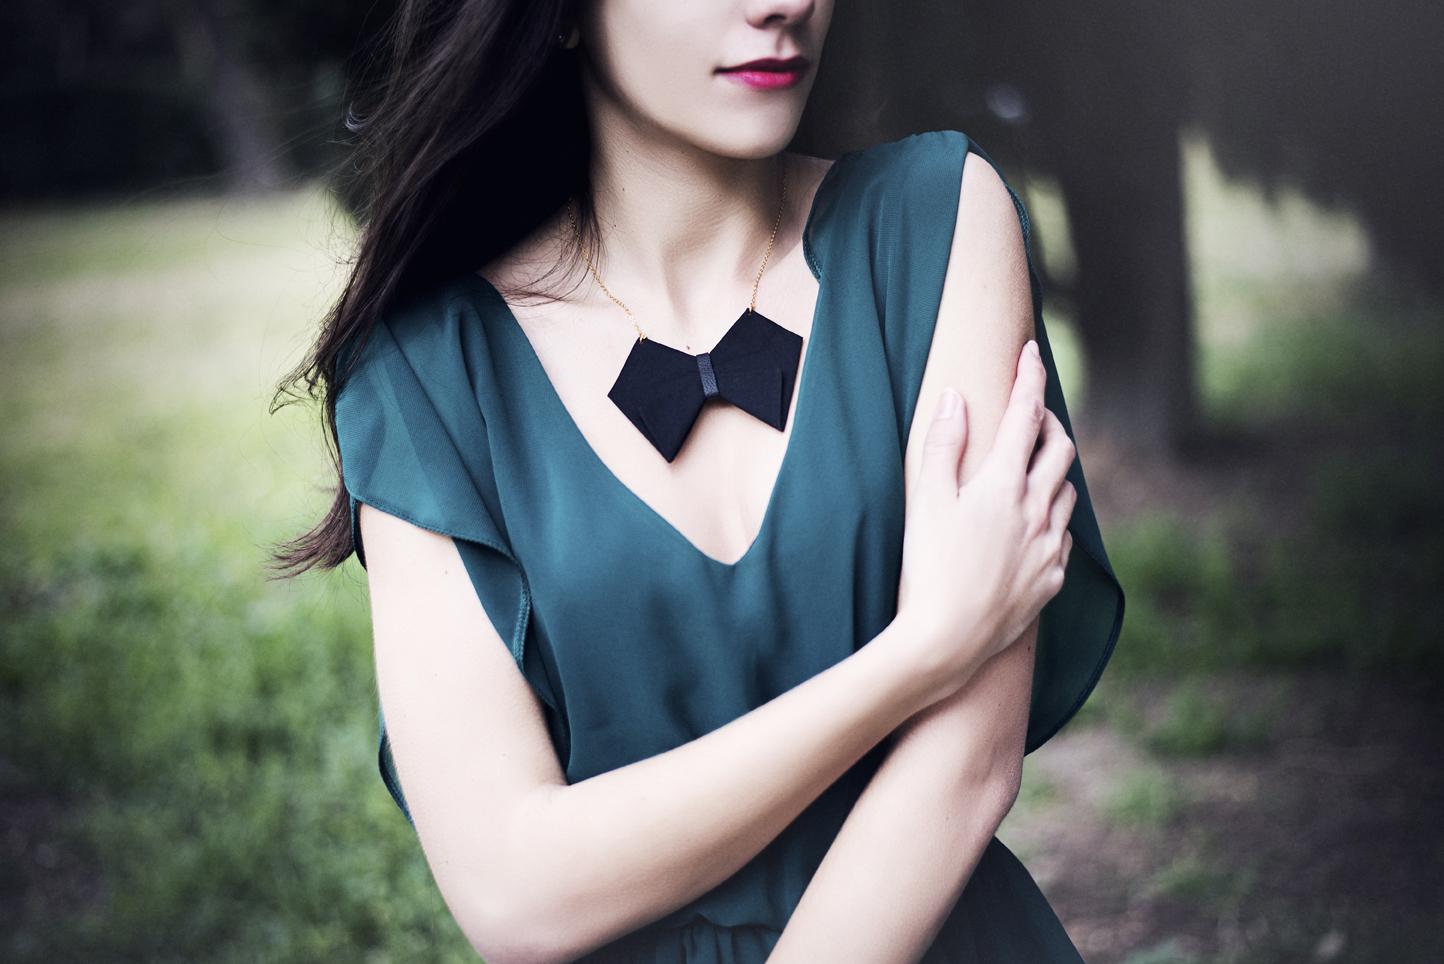 mademoiselle lau